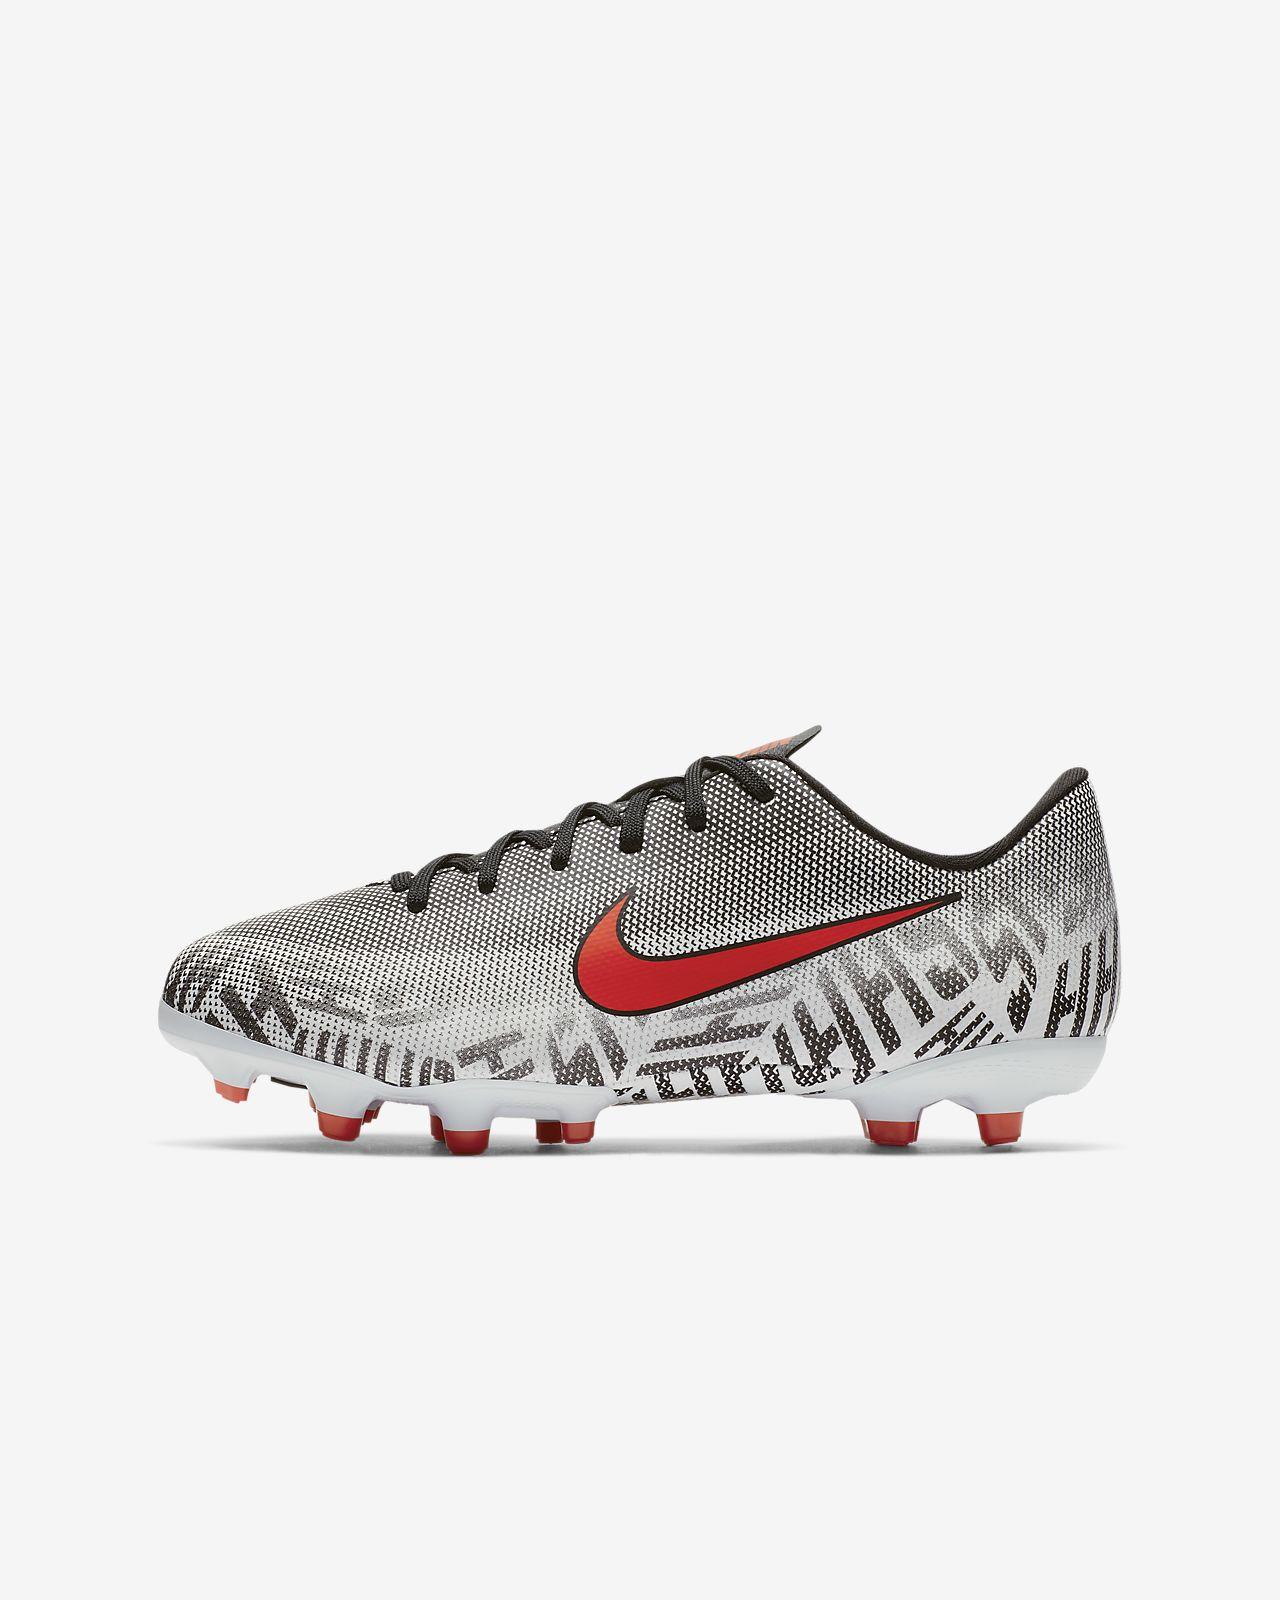 7114b17fbcb ... Chuteiras de futebol multiterreno Nike Jr. Mercurial Vapor XII Academy Neymar  Jr para criança